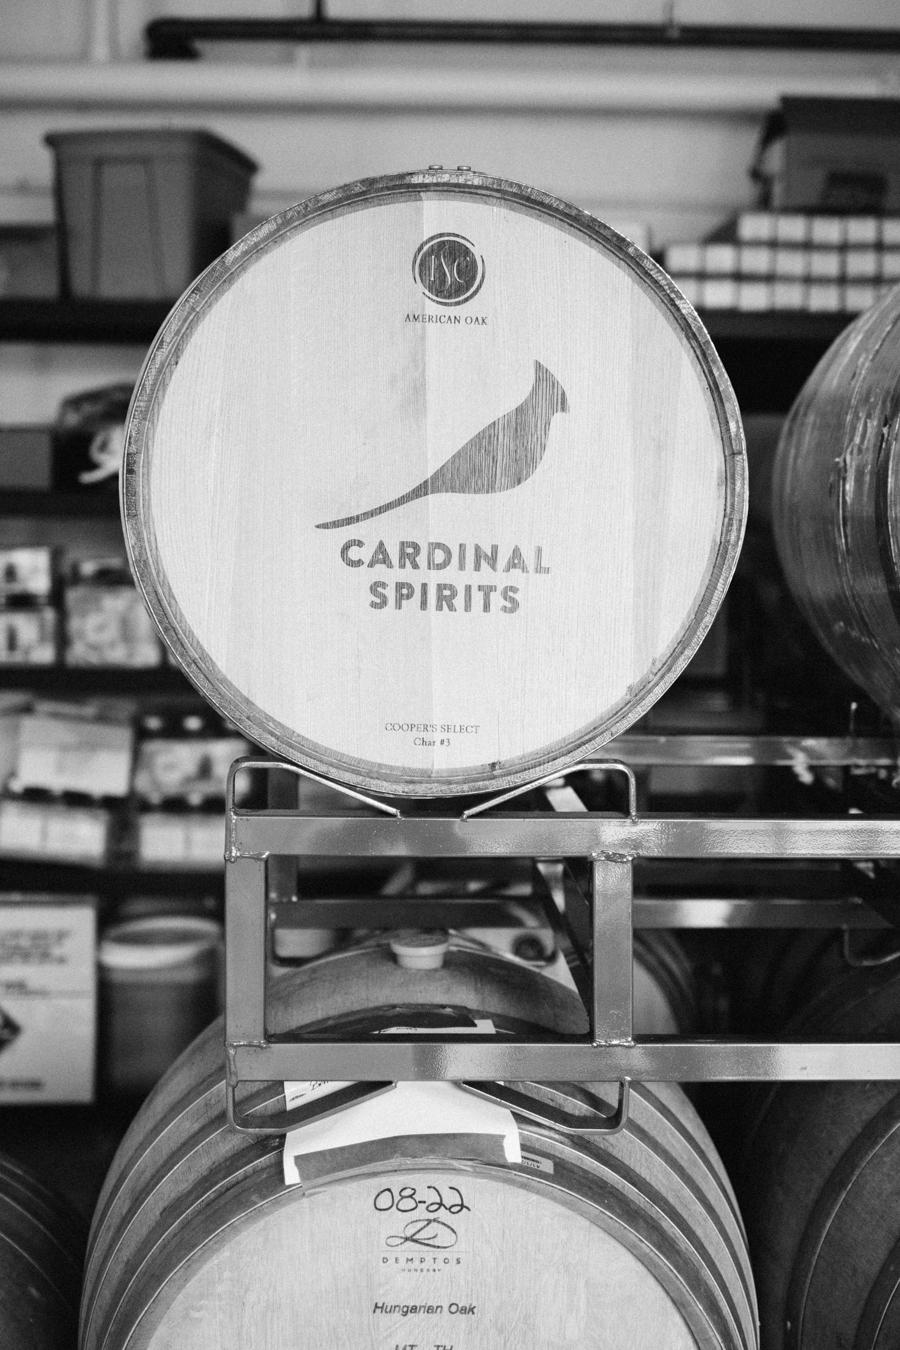 CardinalSpirits (1 of 21)